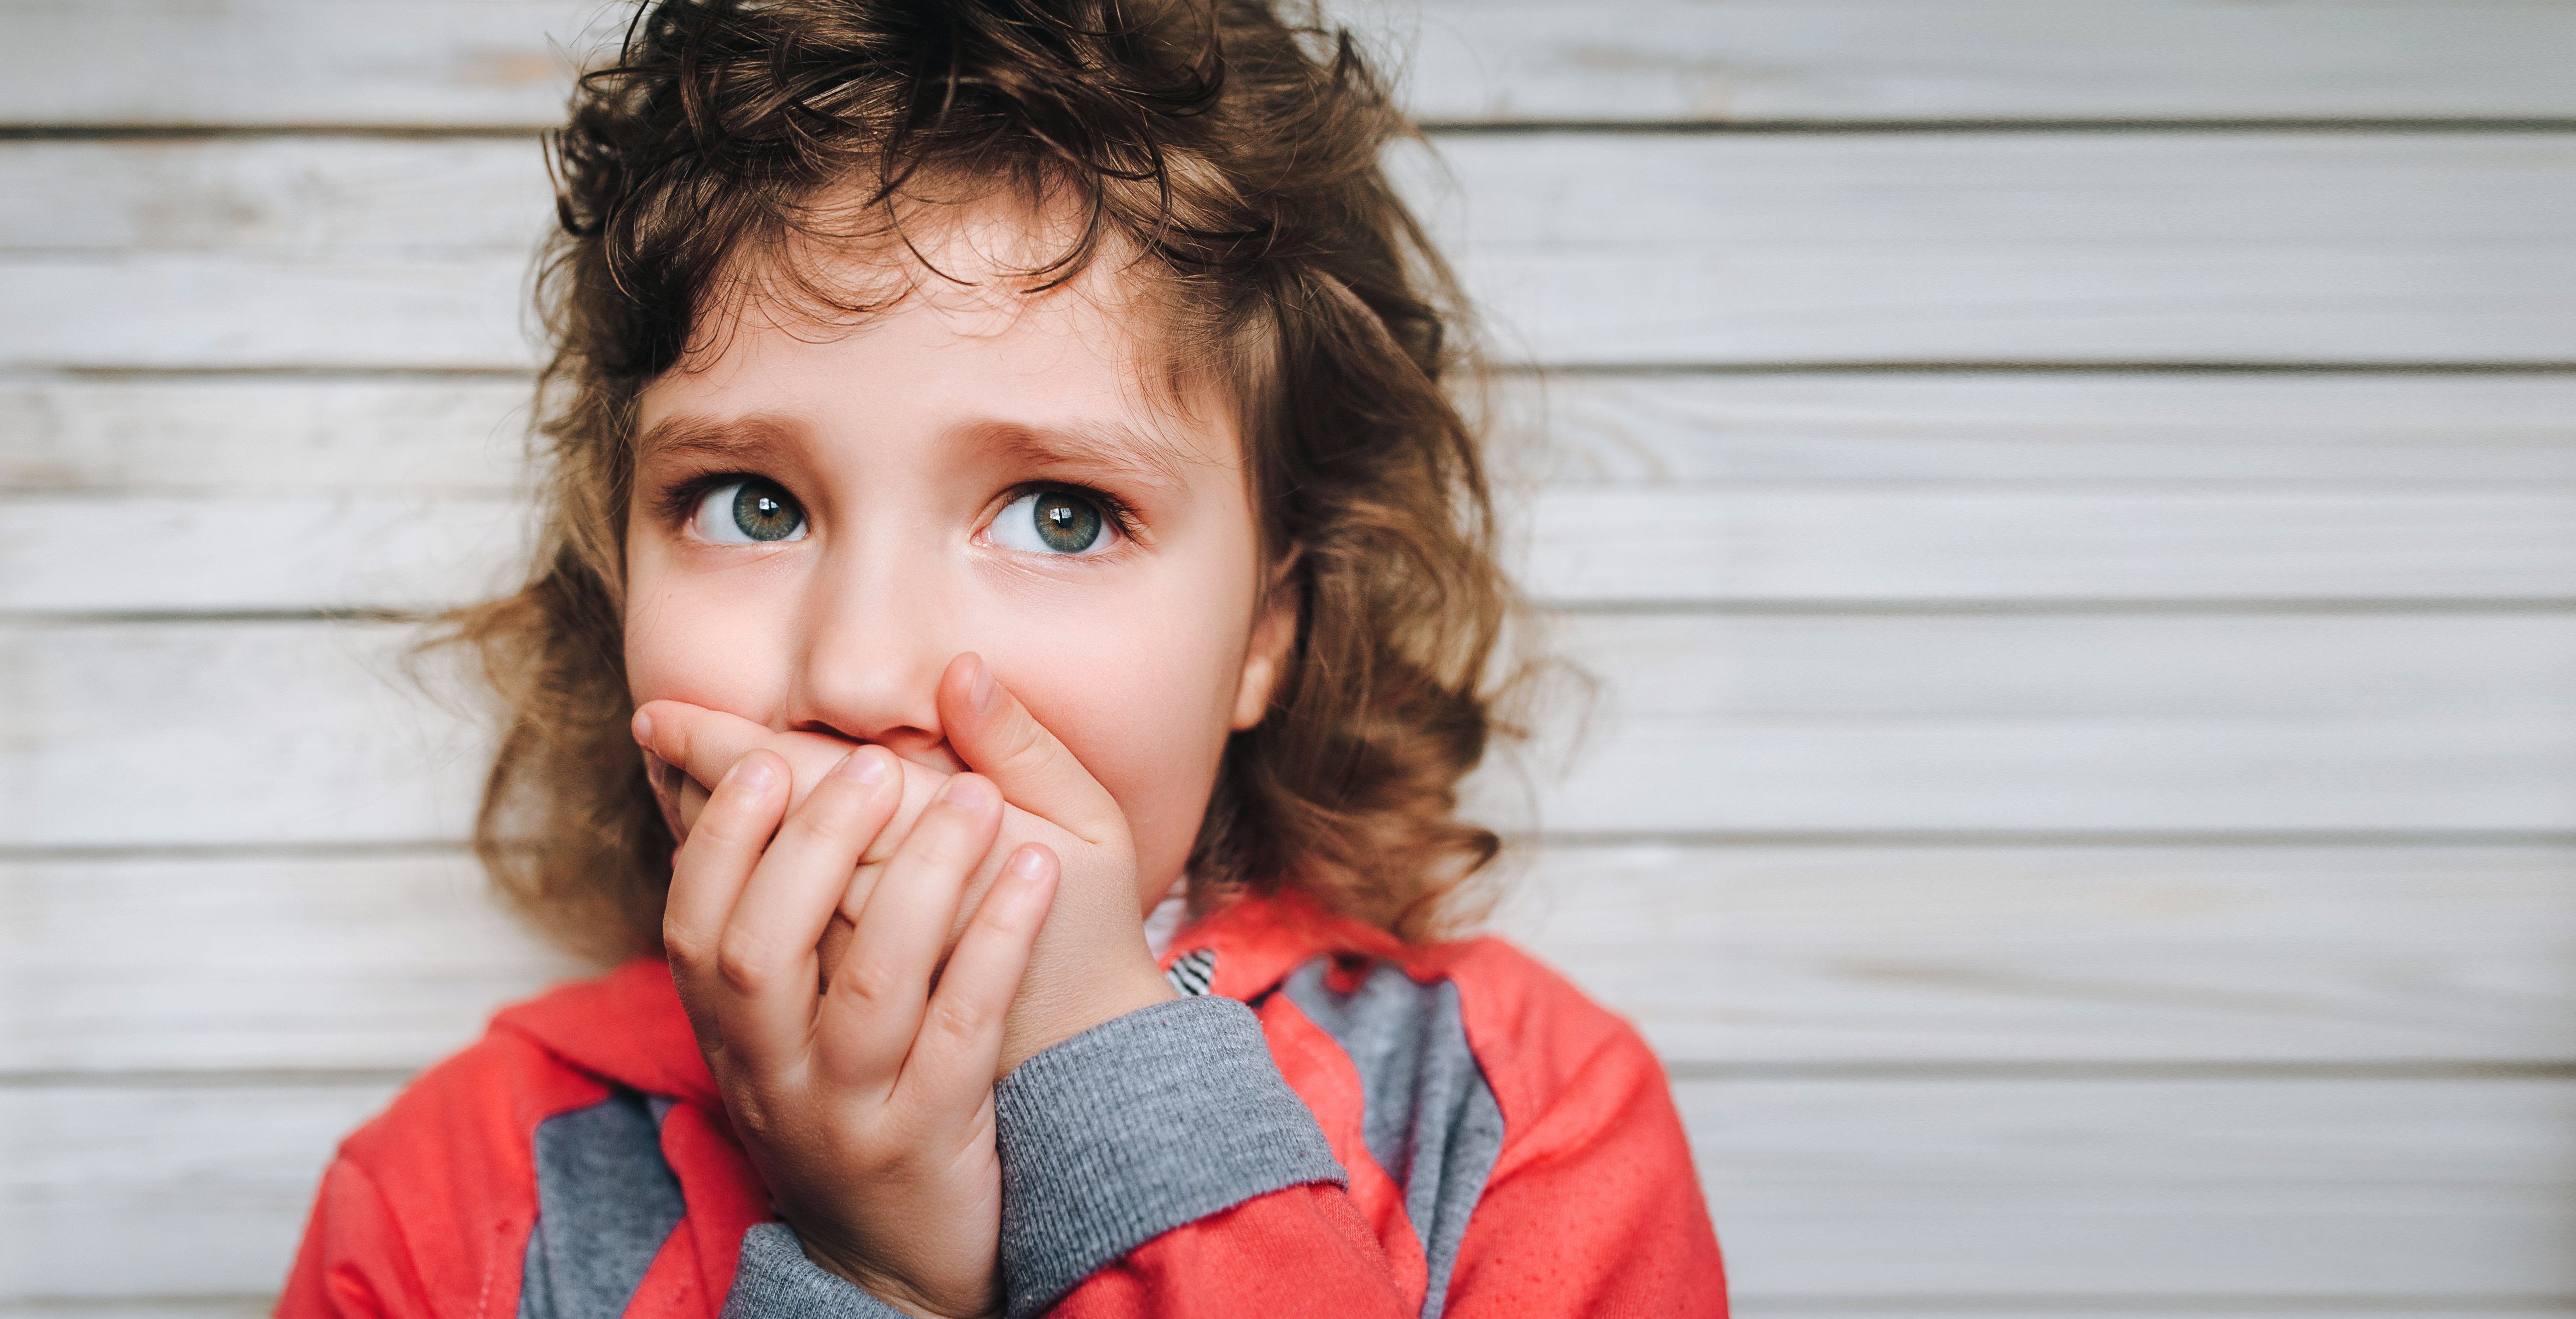 Kind redet nicht